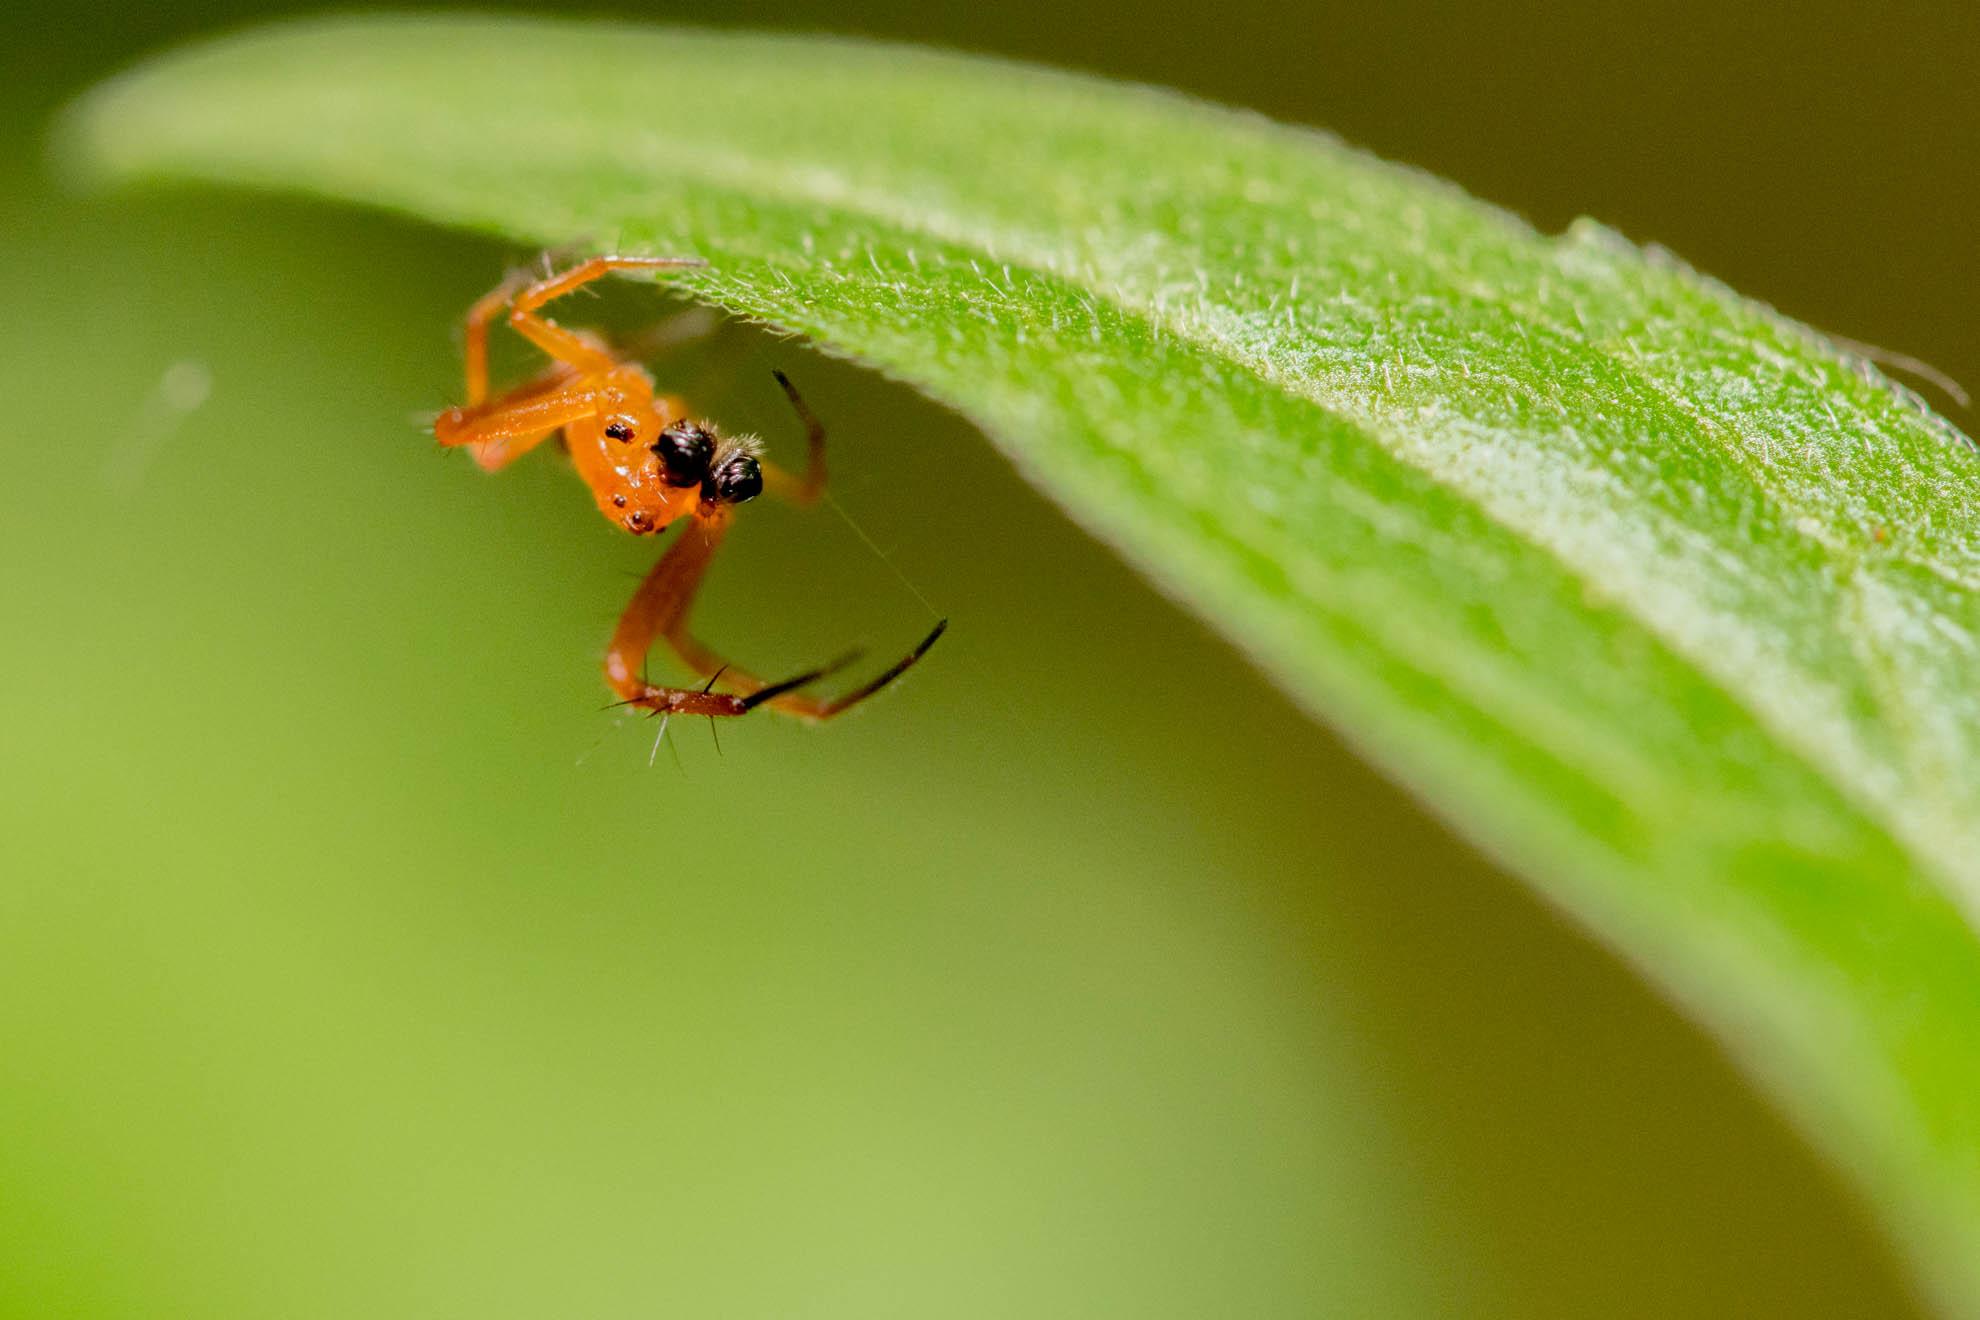 体がオレンジ色で顔が黒い蜘蛛